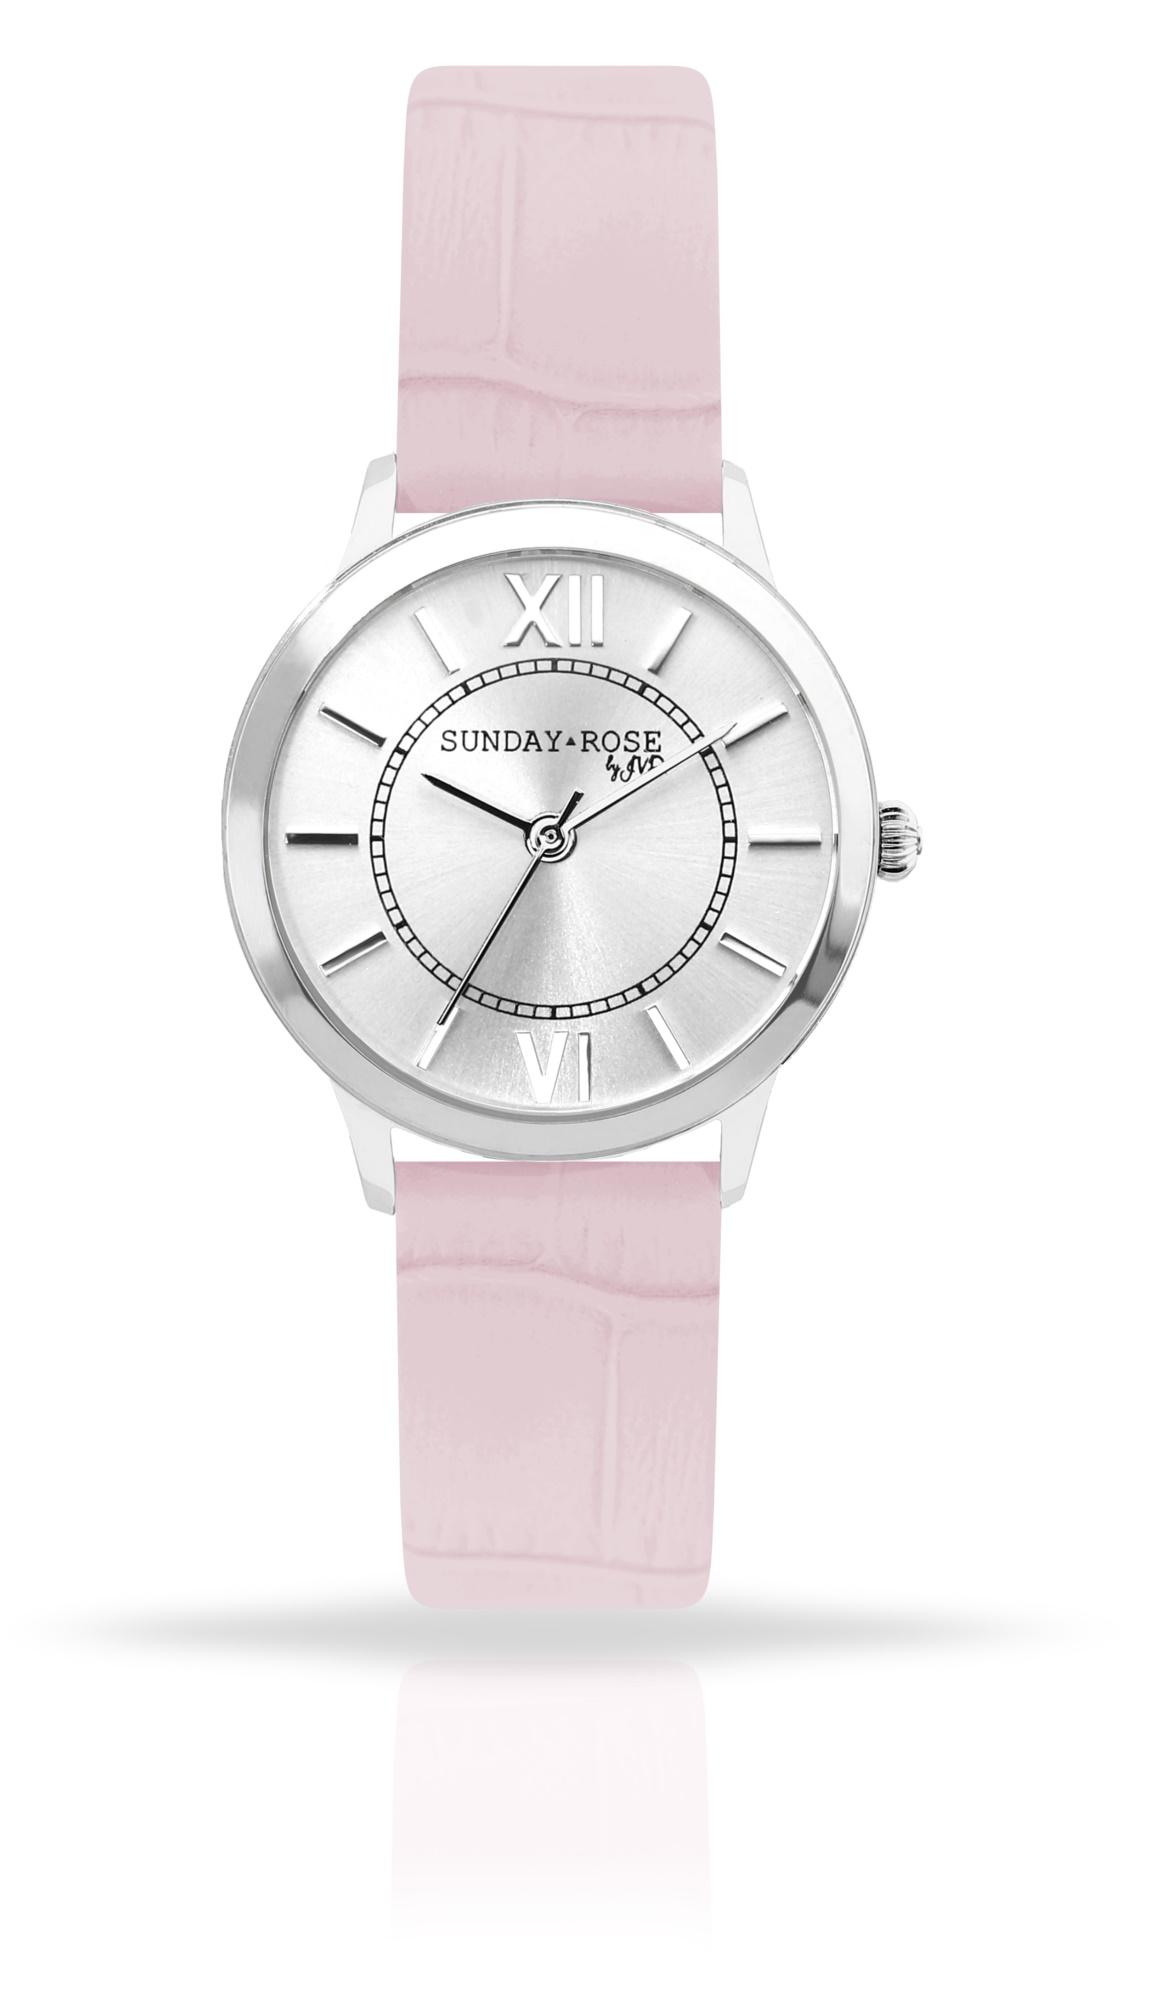 Dámské luxusní designové hodinky SUNDAY ROSE Darling SWEET PINK (POŠTOVNÉ  ZDARMA!! - růžové e75c656bf50